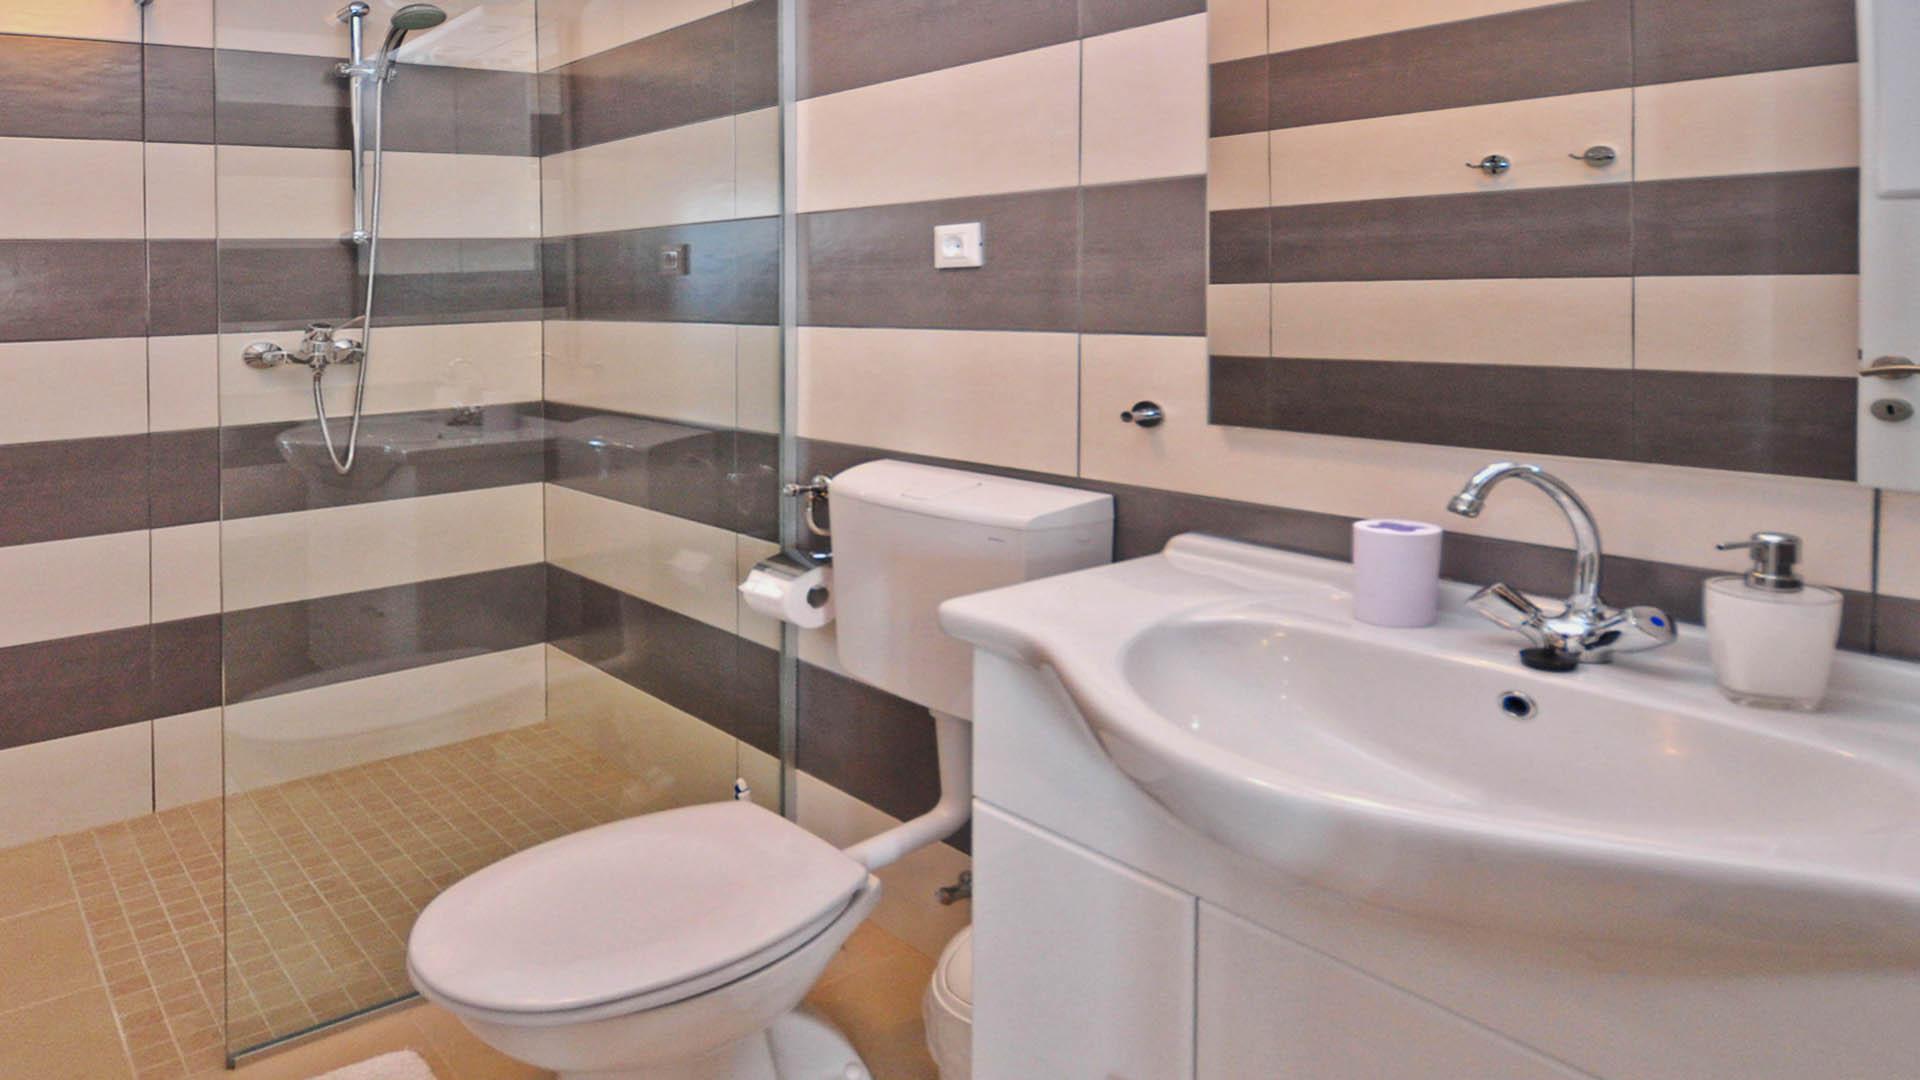 Omiš rezidencijalni apartman kupaonica i wc